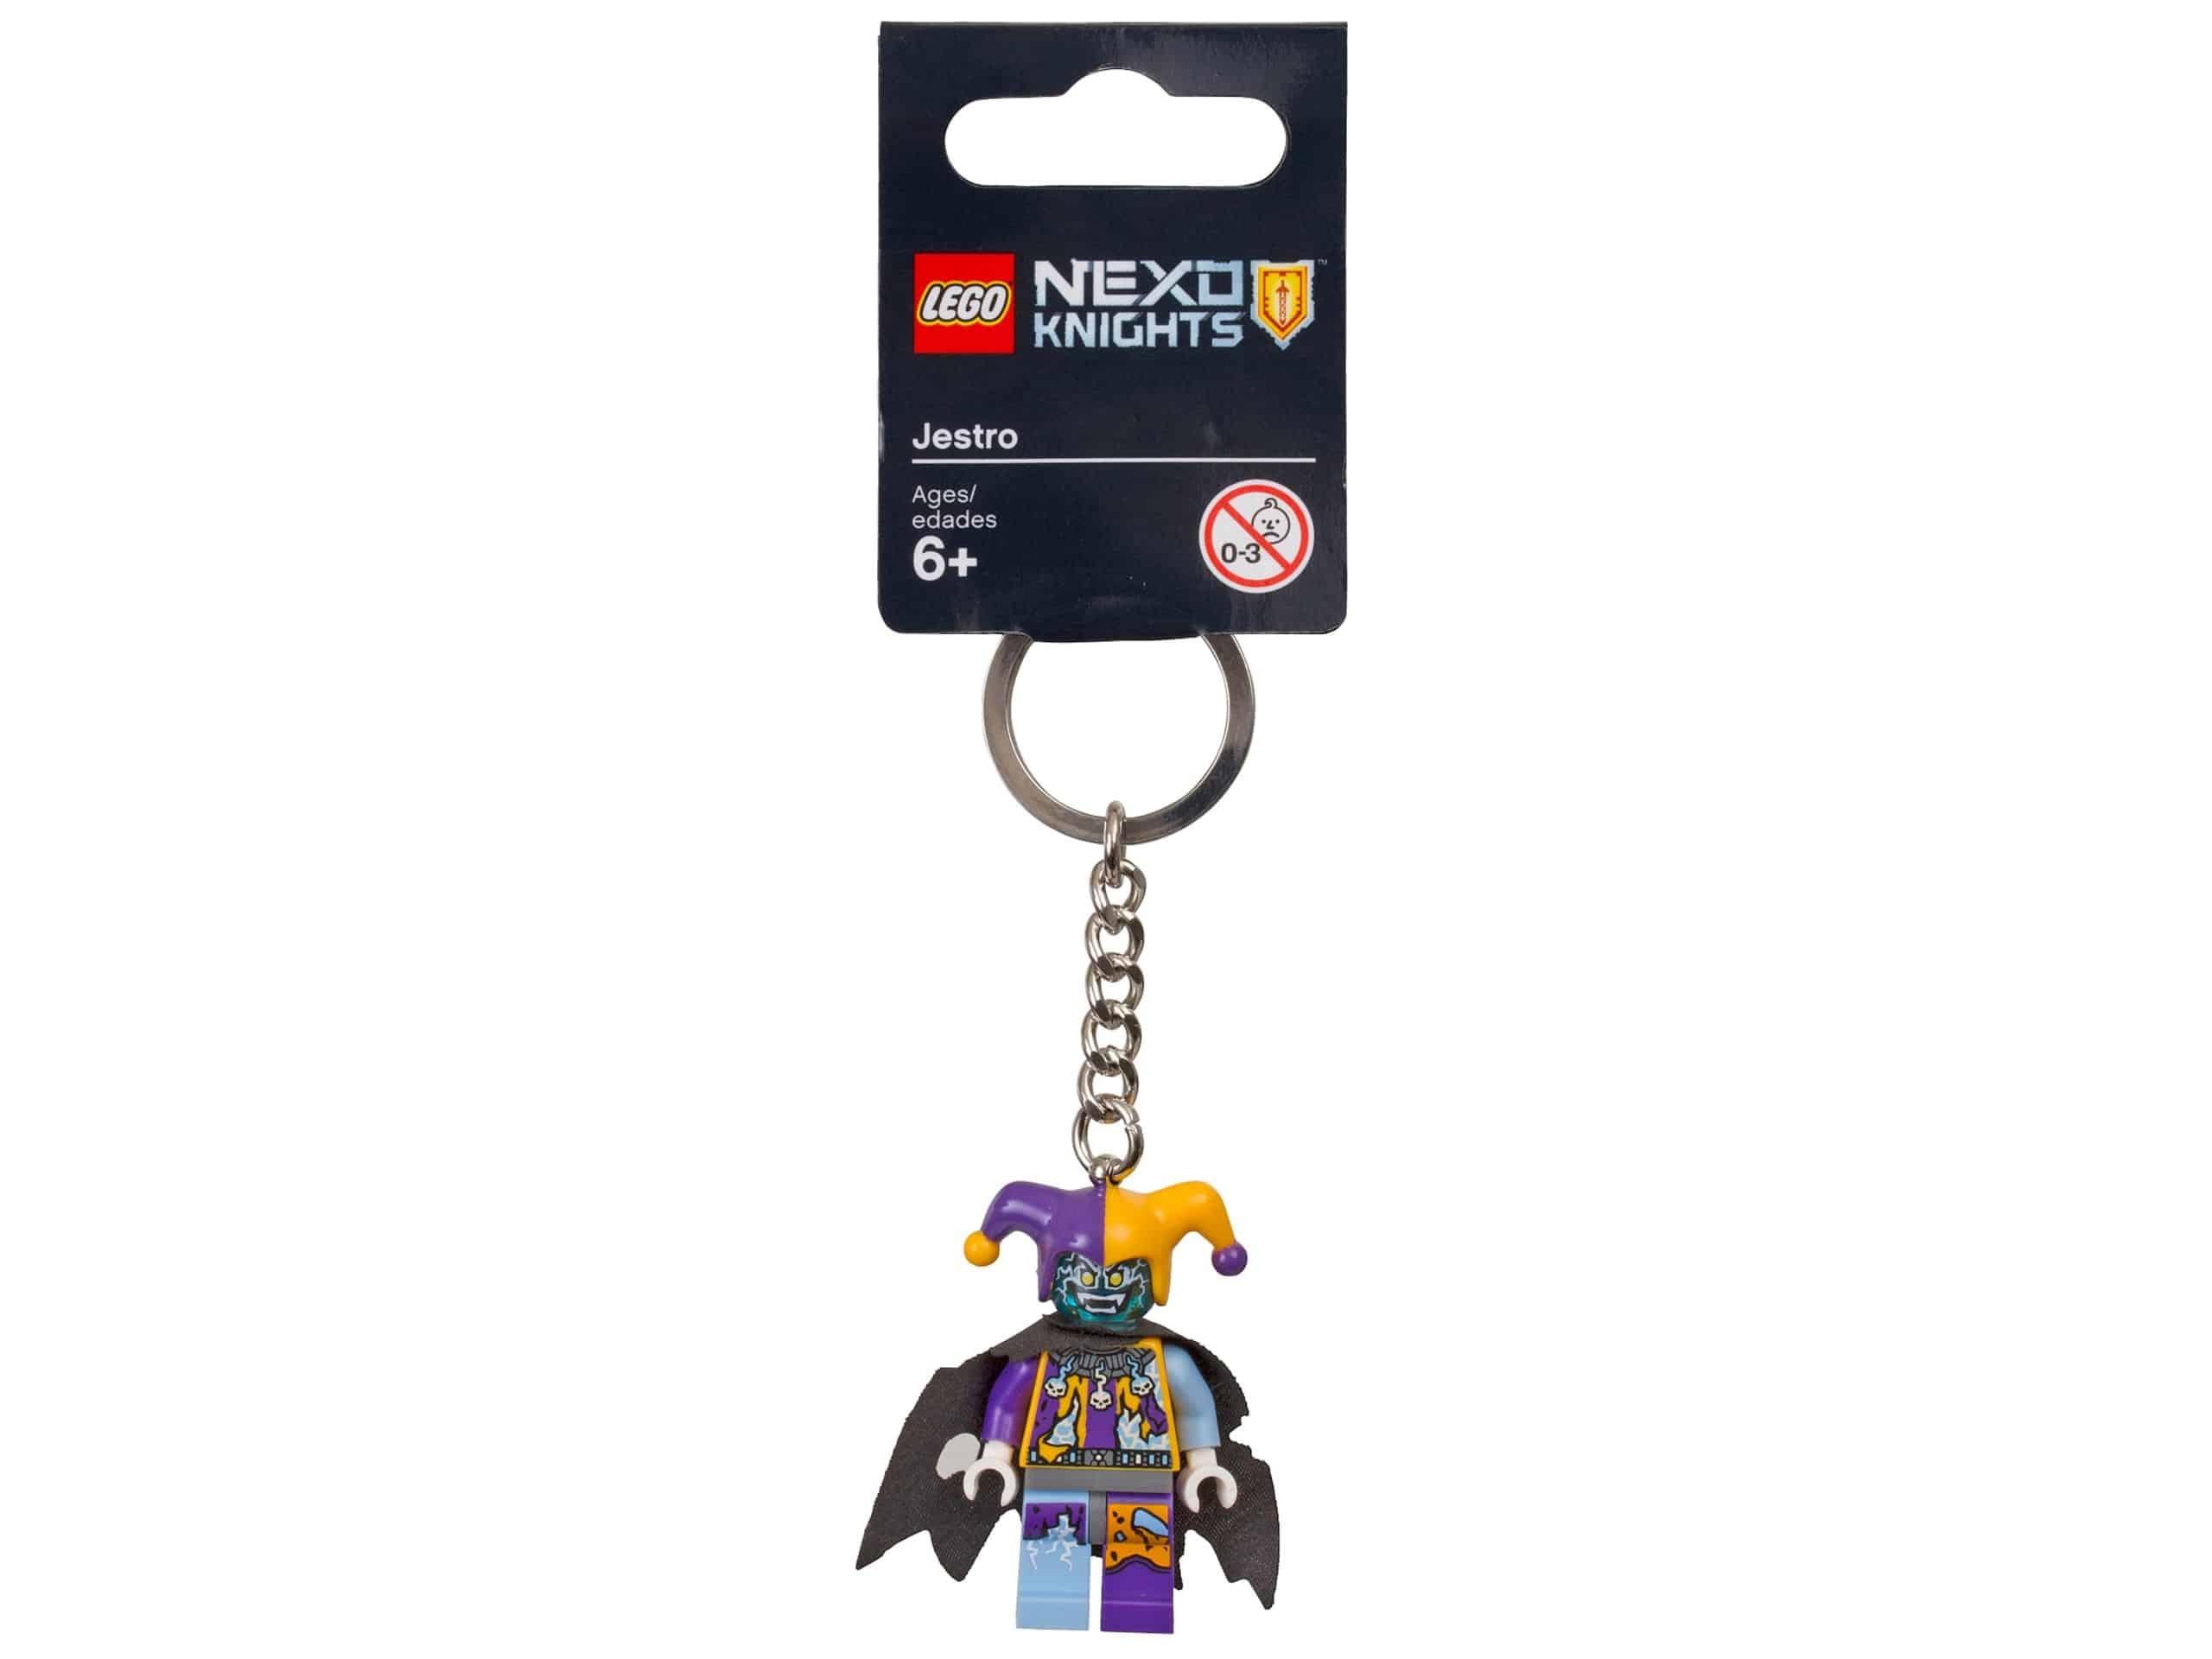 lego 853683 nexo knights jestro noglering scaled